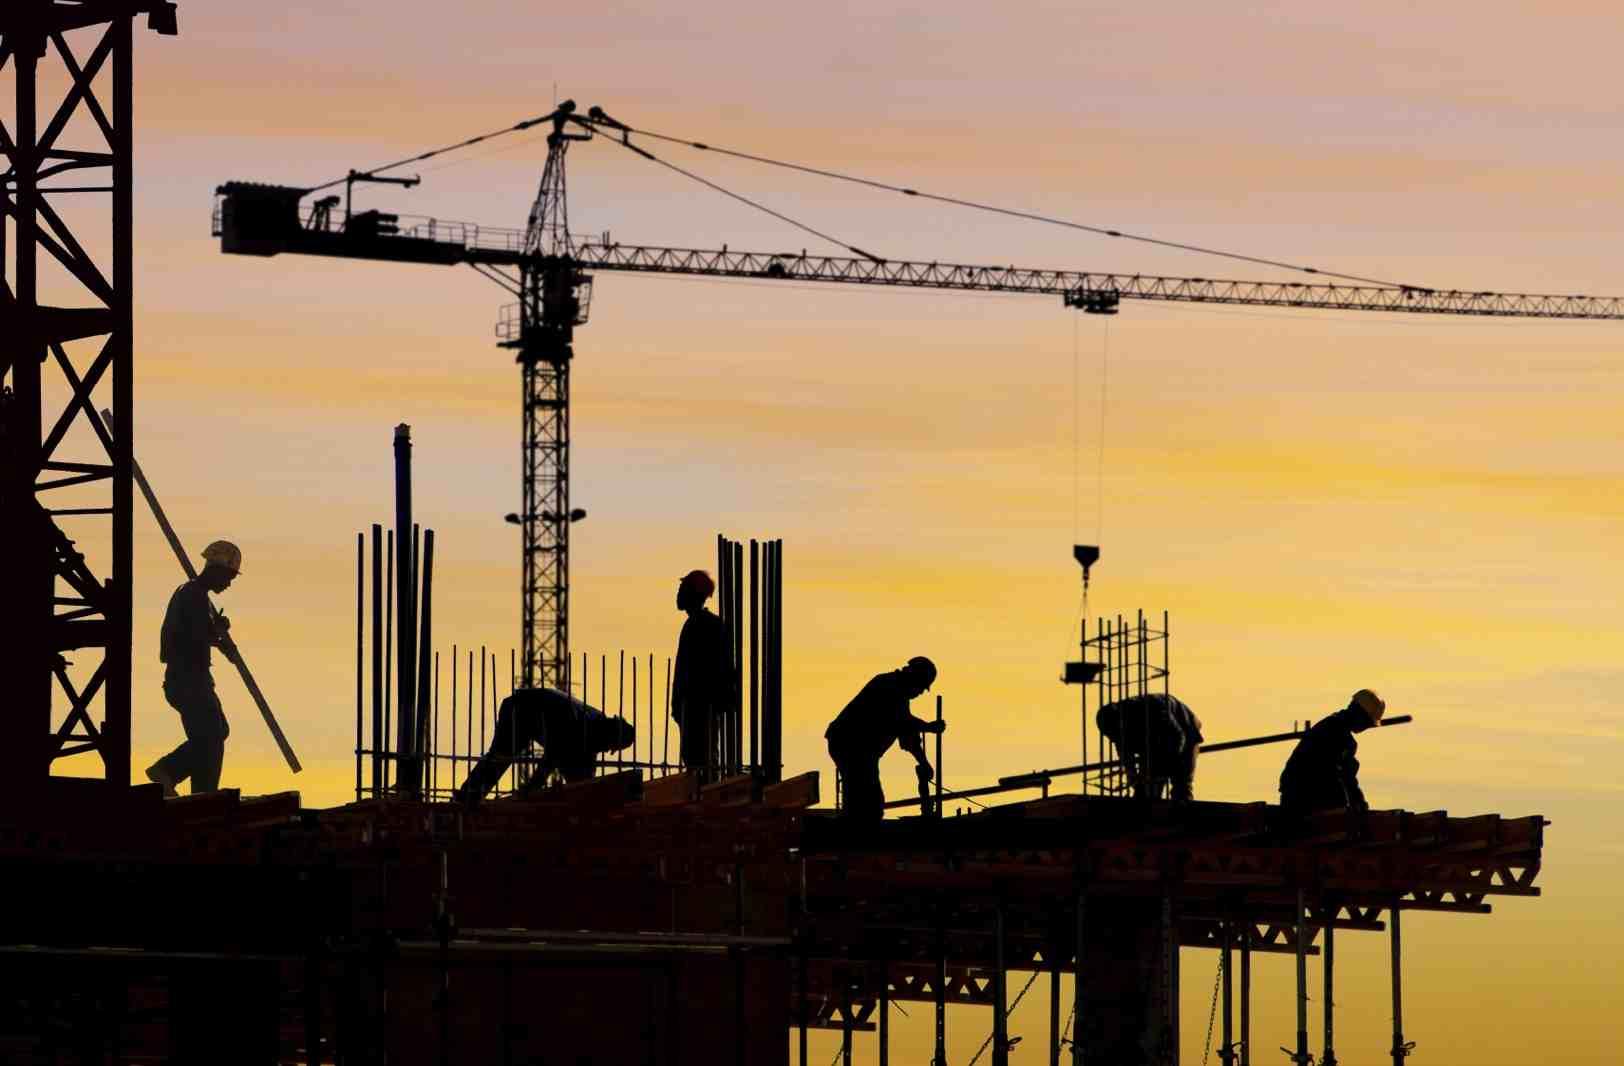 155 مليار درهم متوقعاً للإنشاءات في الإمارات 2015